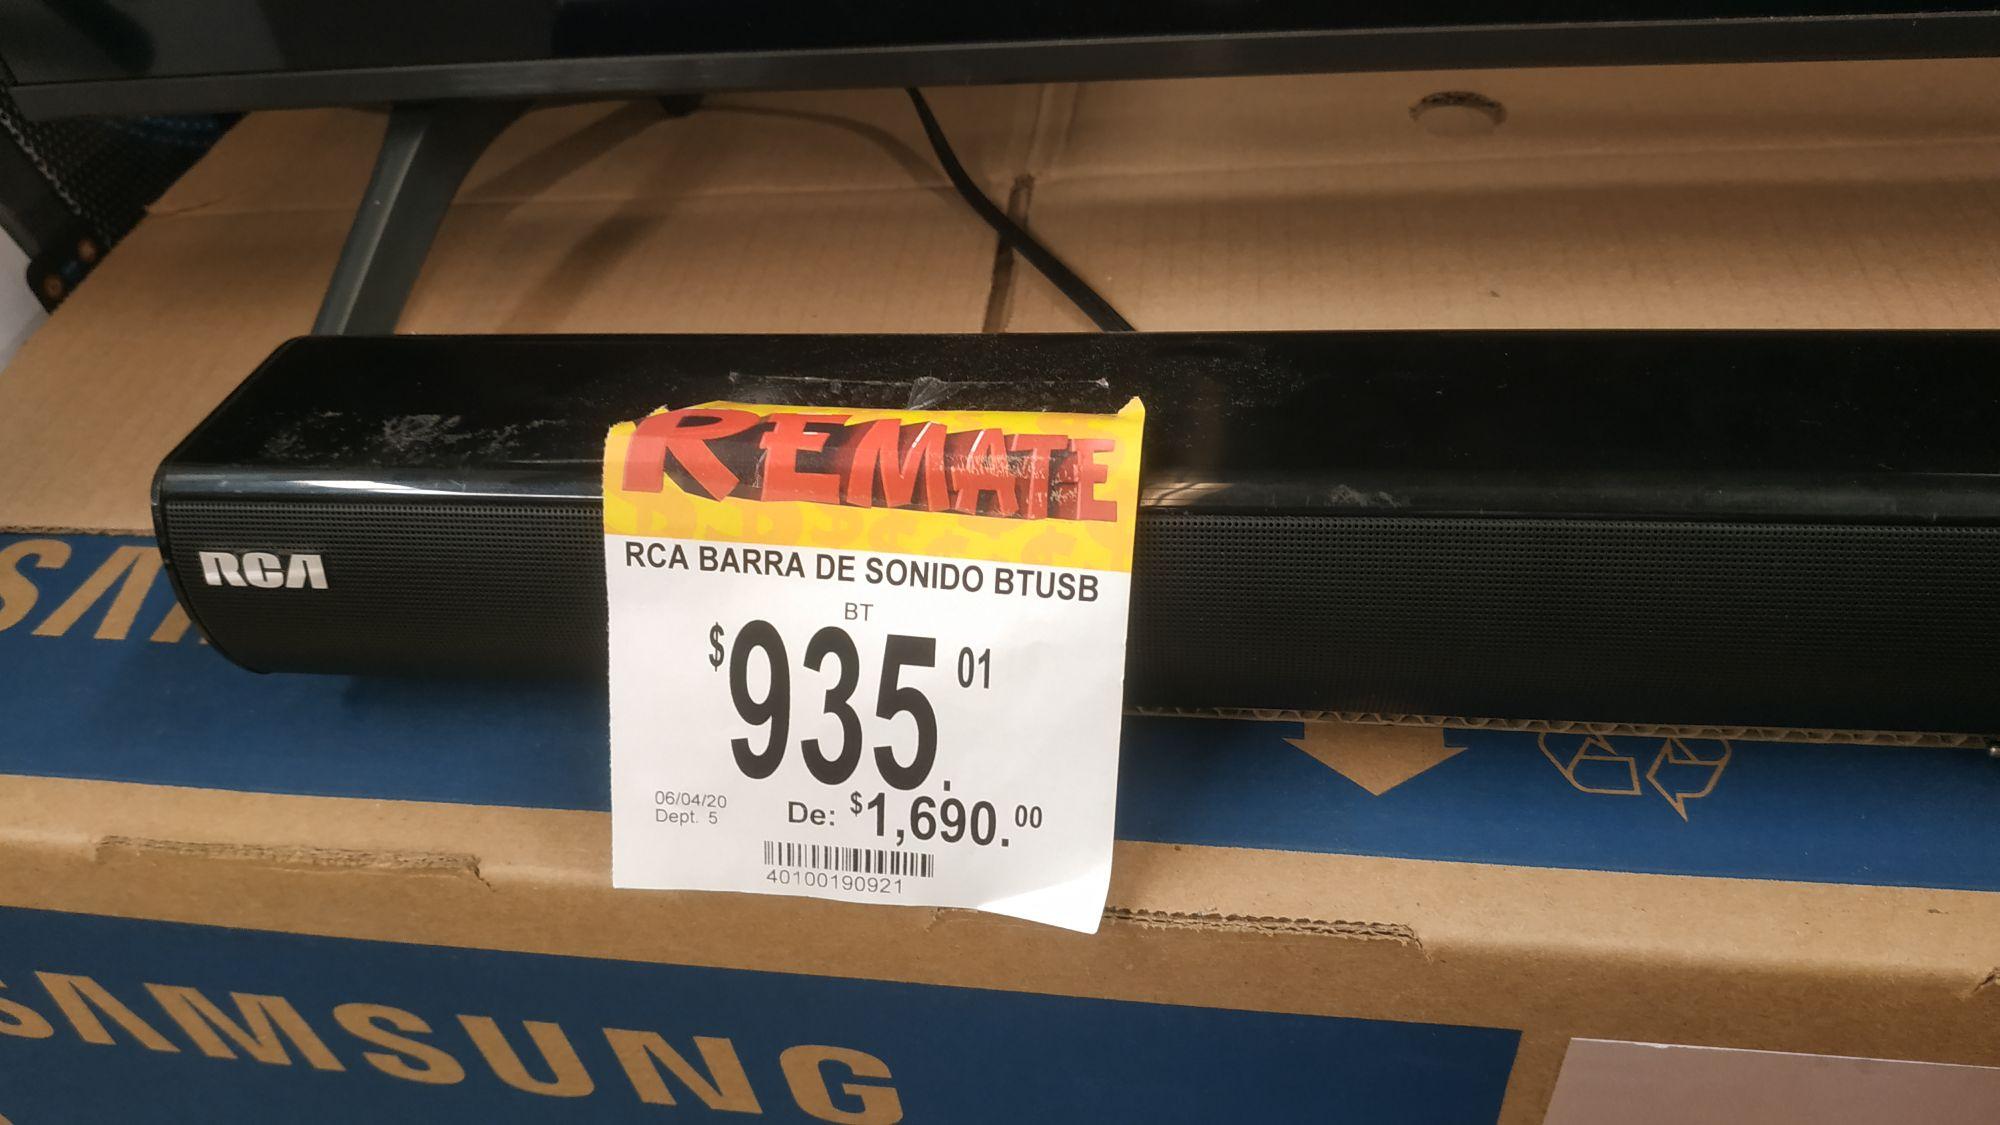 Bodega Aurrera: RCA Barra de sonido BT USB